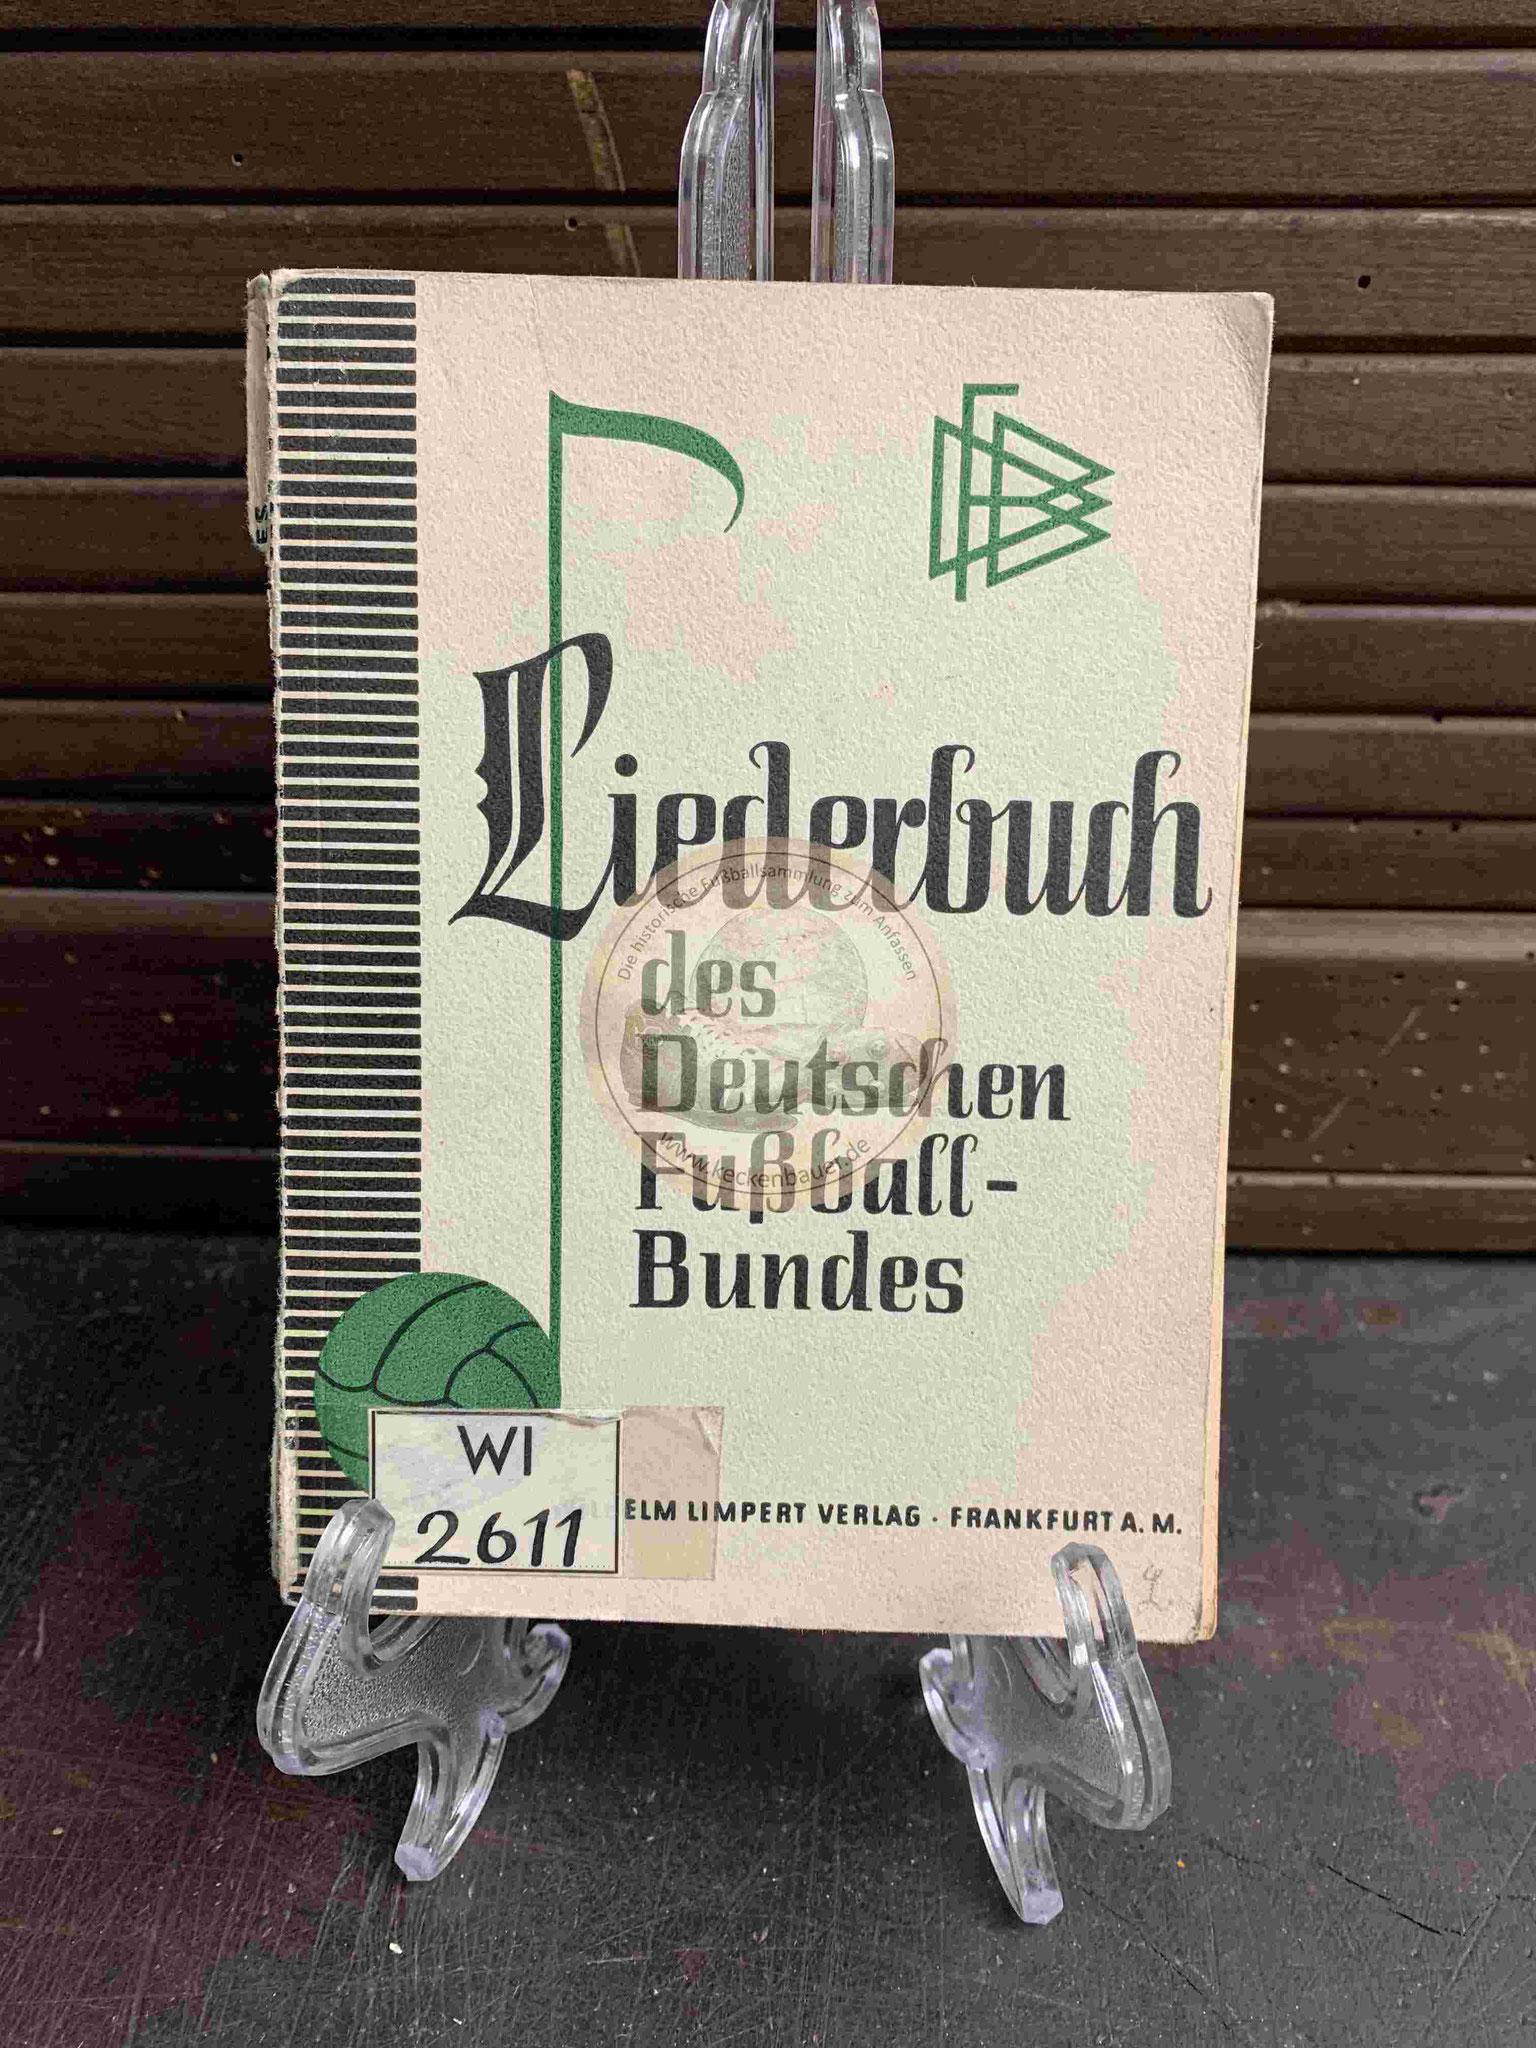 Liederbuch des Deutschen Fußball-Bundes aus dem Jahr 1953